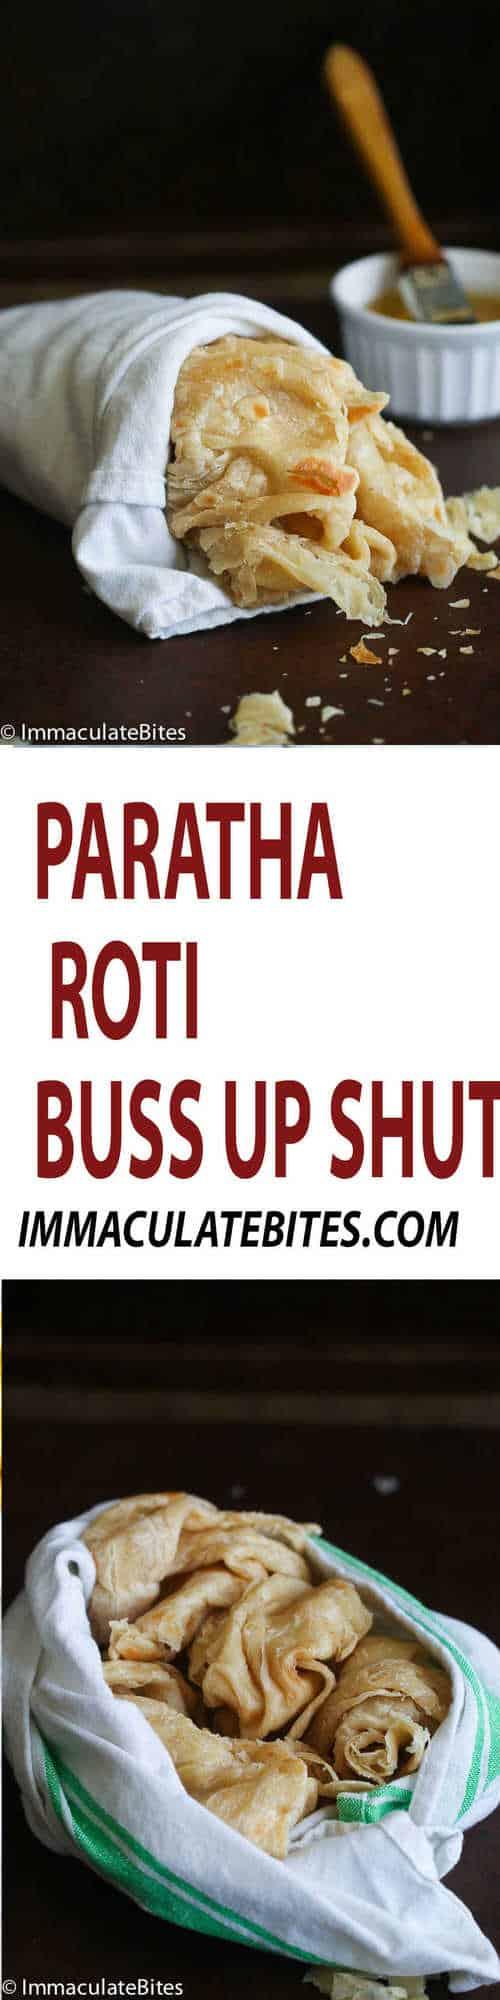 Paratha roti Buss up shut